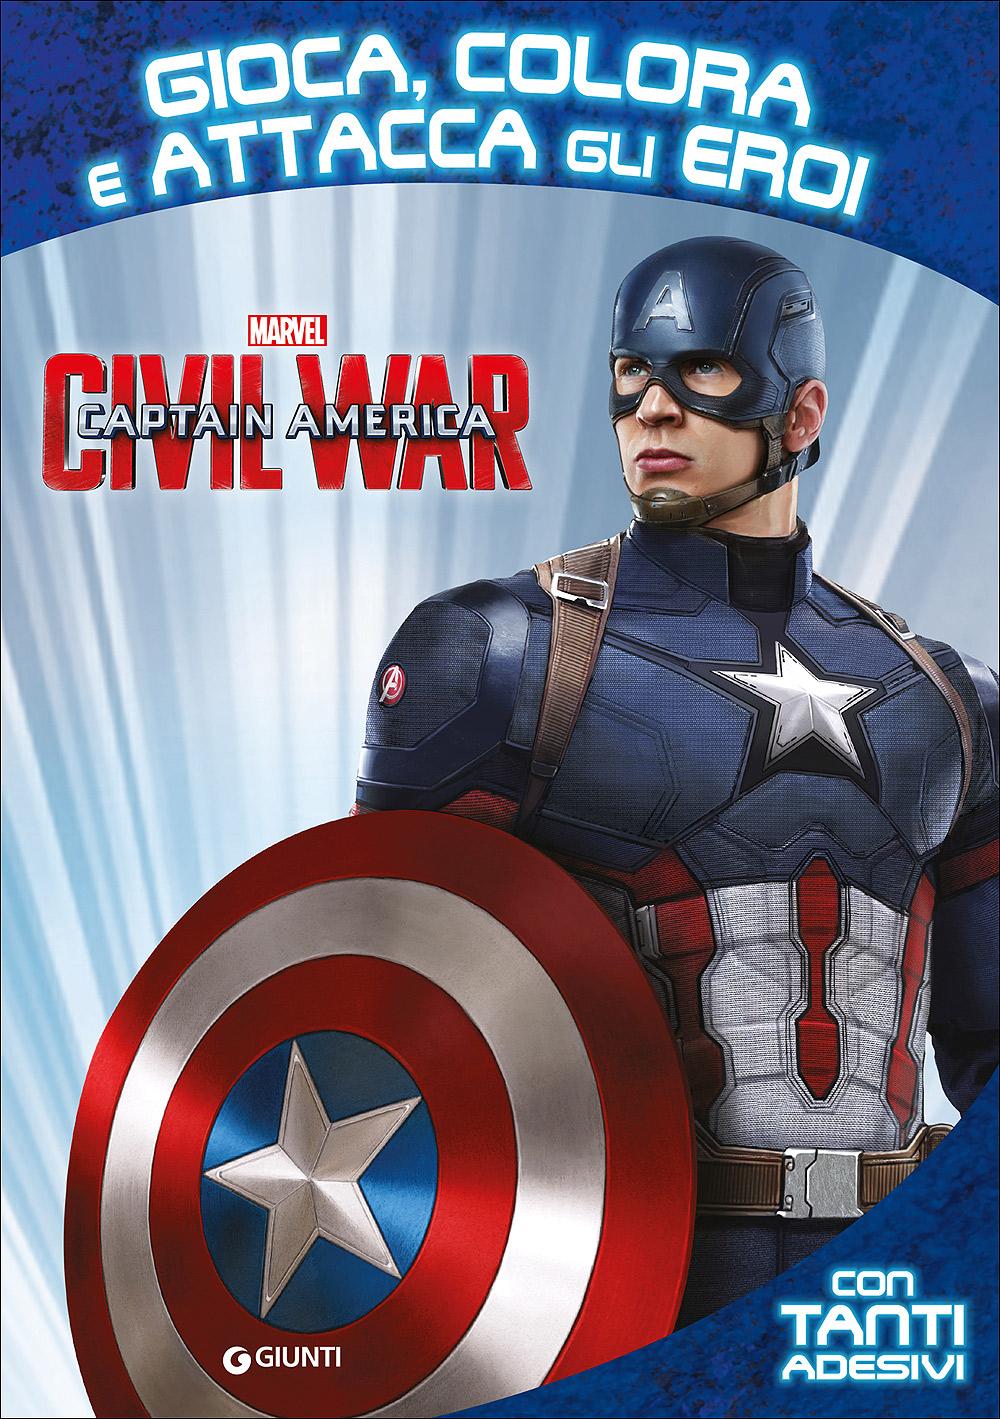 Attacca gli eroi - Captain America Civil War. Gioca, colora e attacca gli eroi